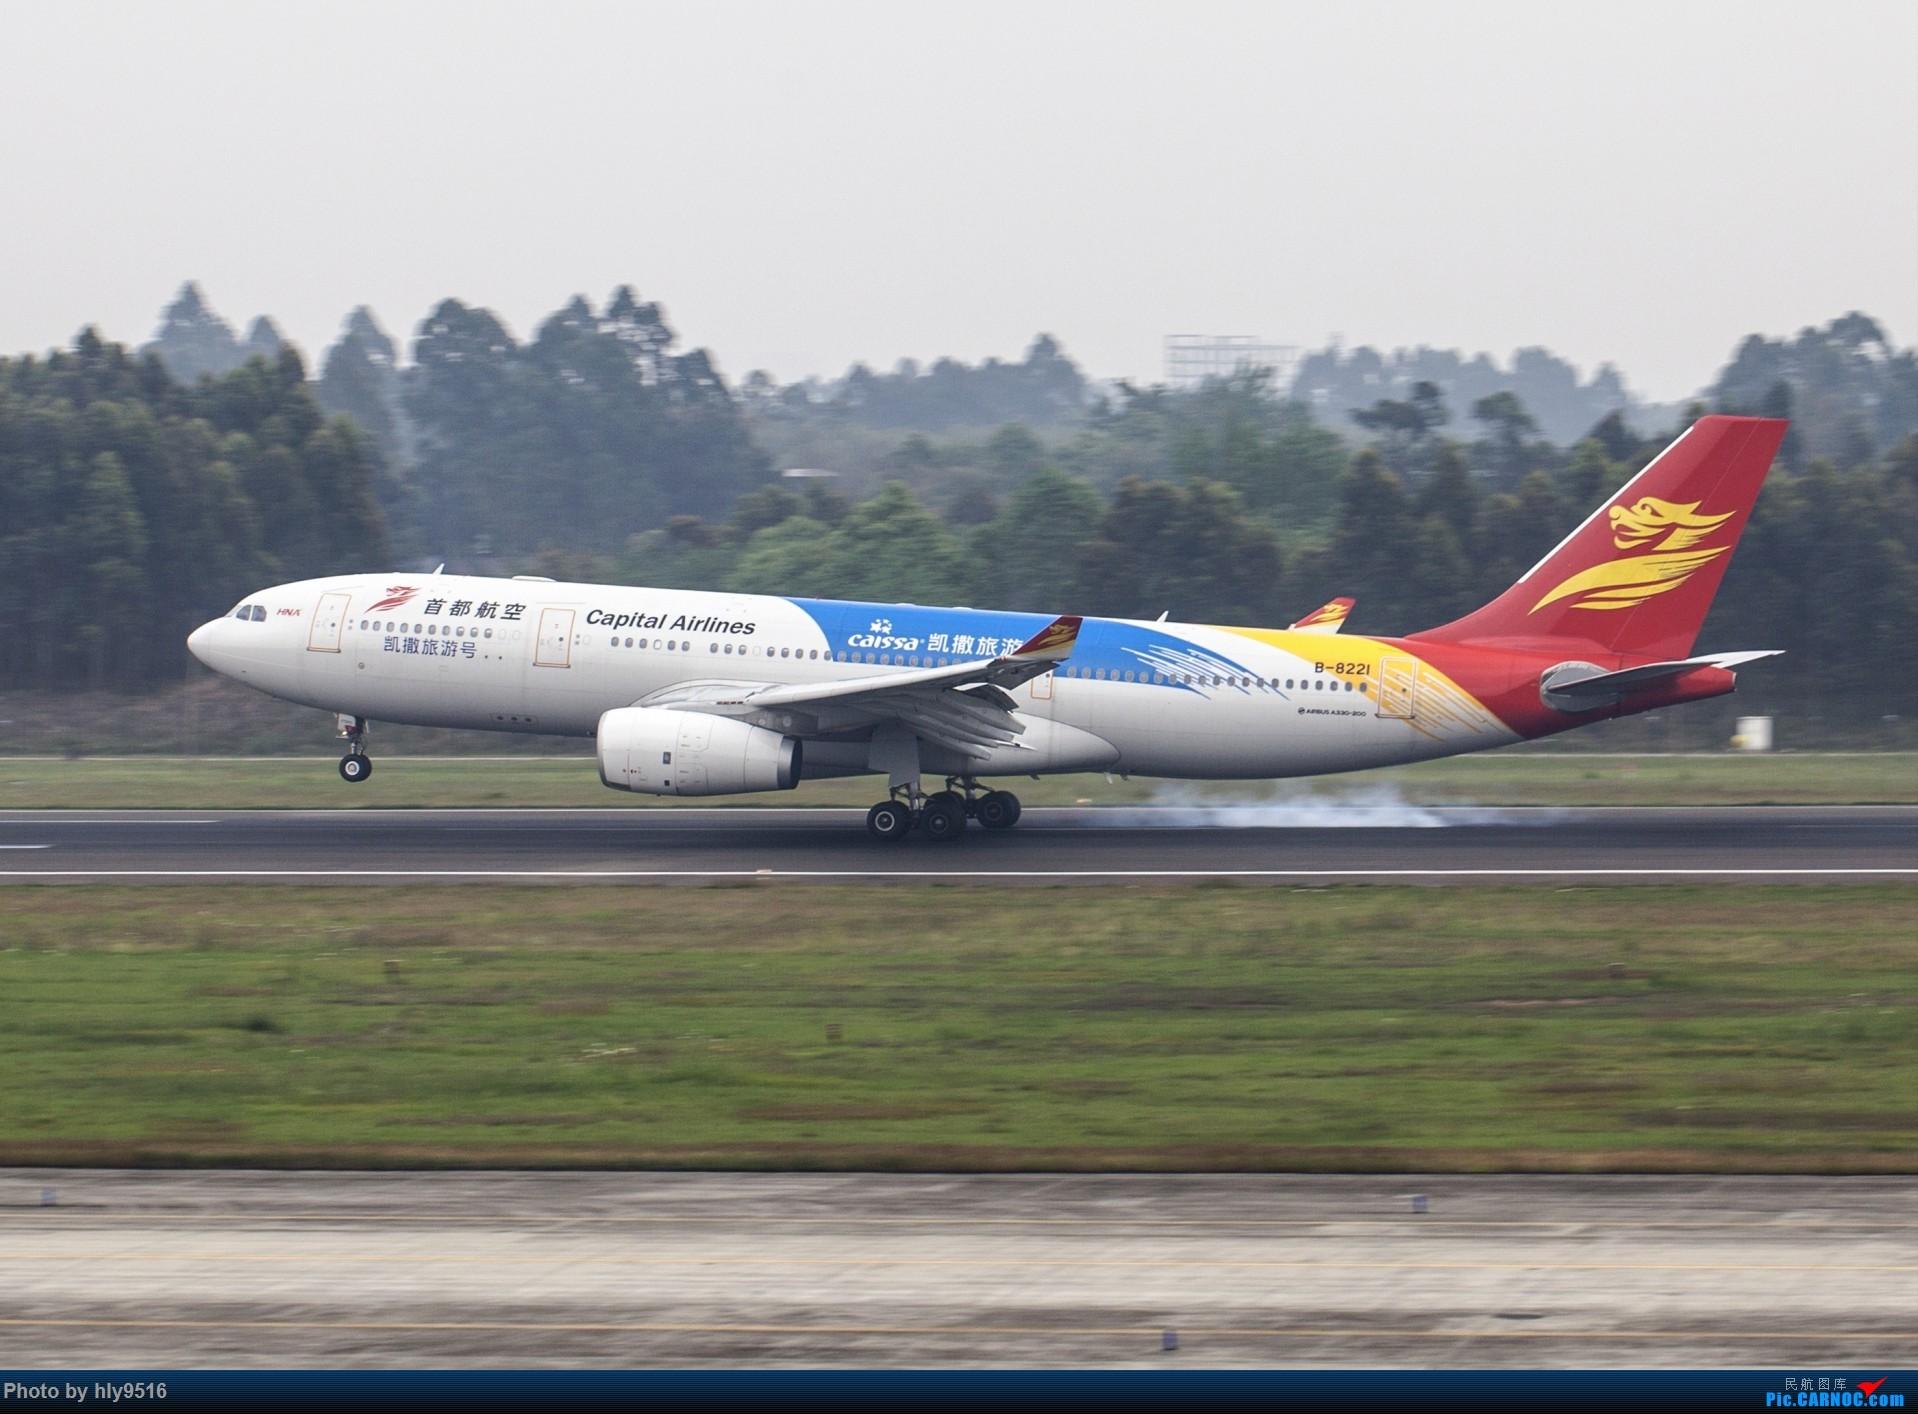 怨念南航a380 偶遇长荣新涂装 两次复飞 小怨念若干 airbus a330-200图片